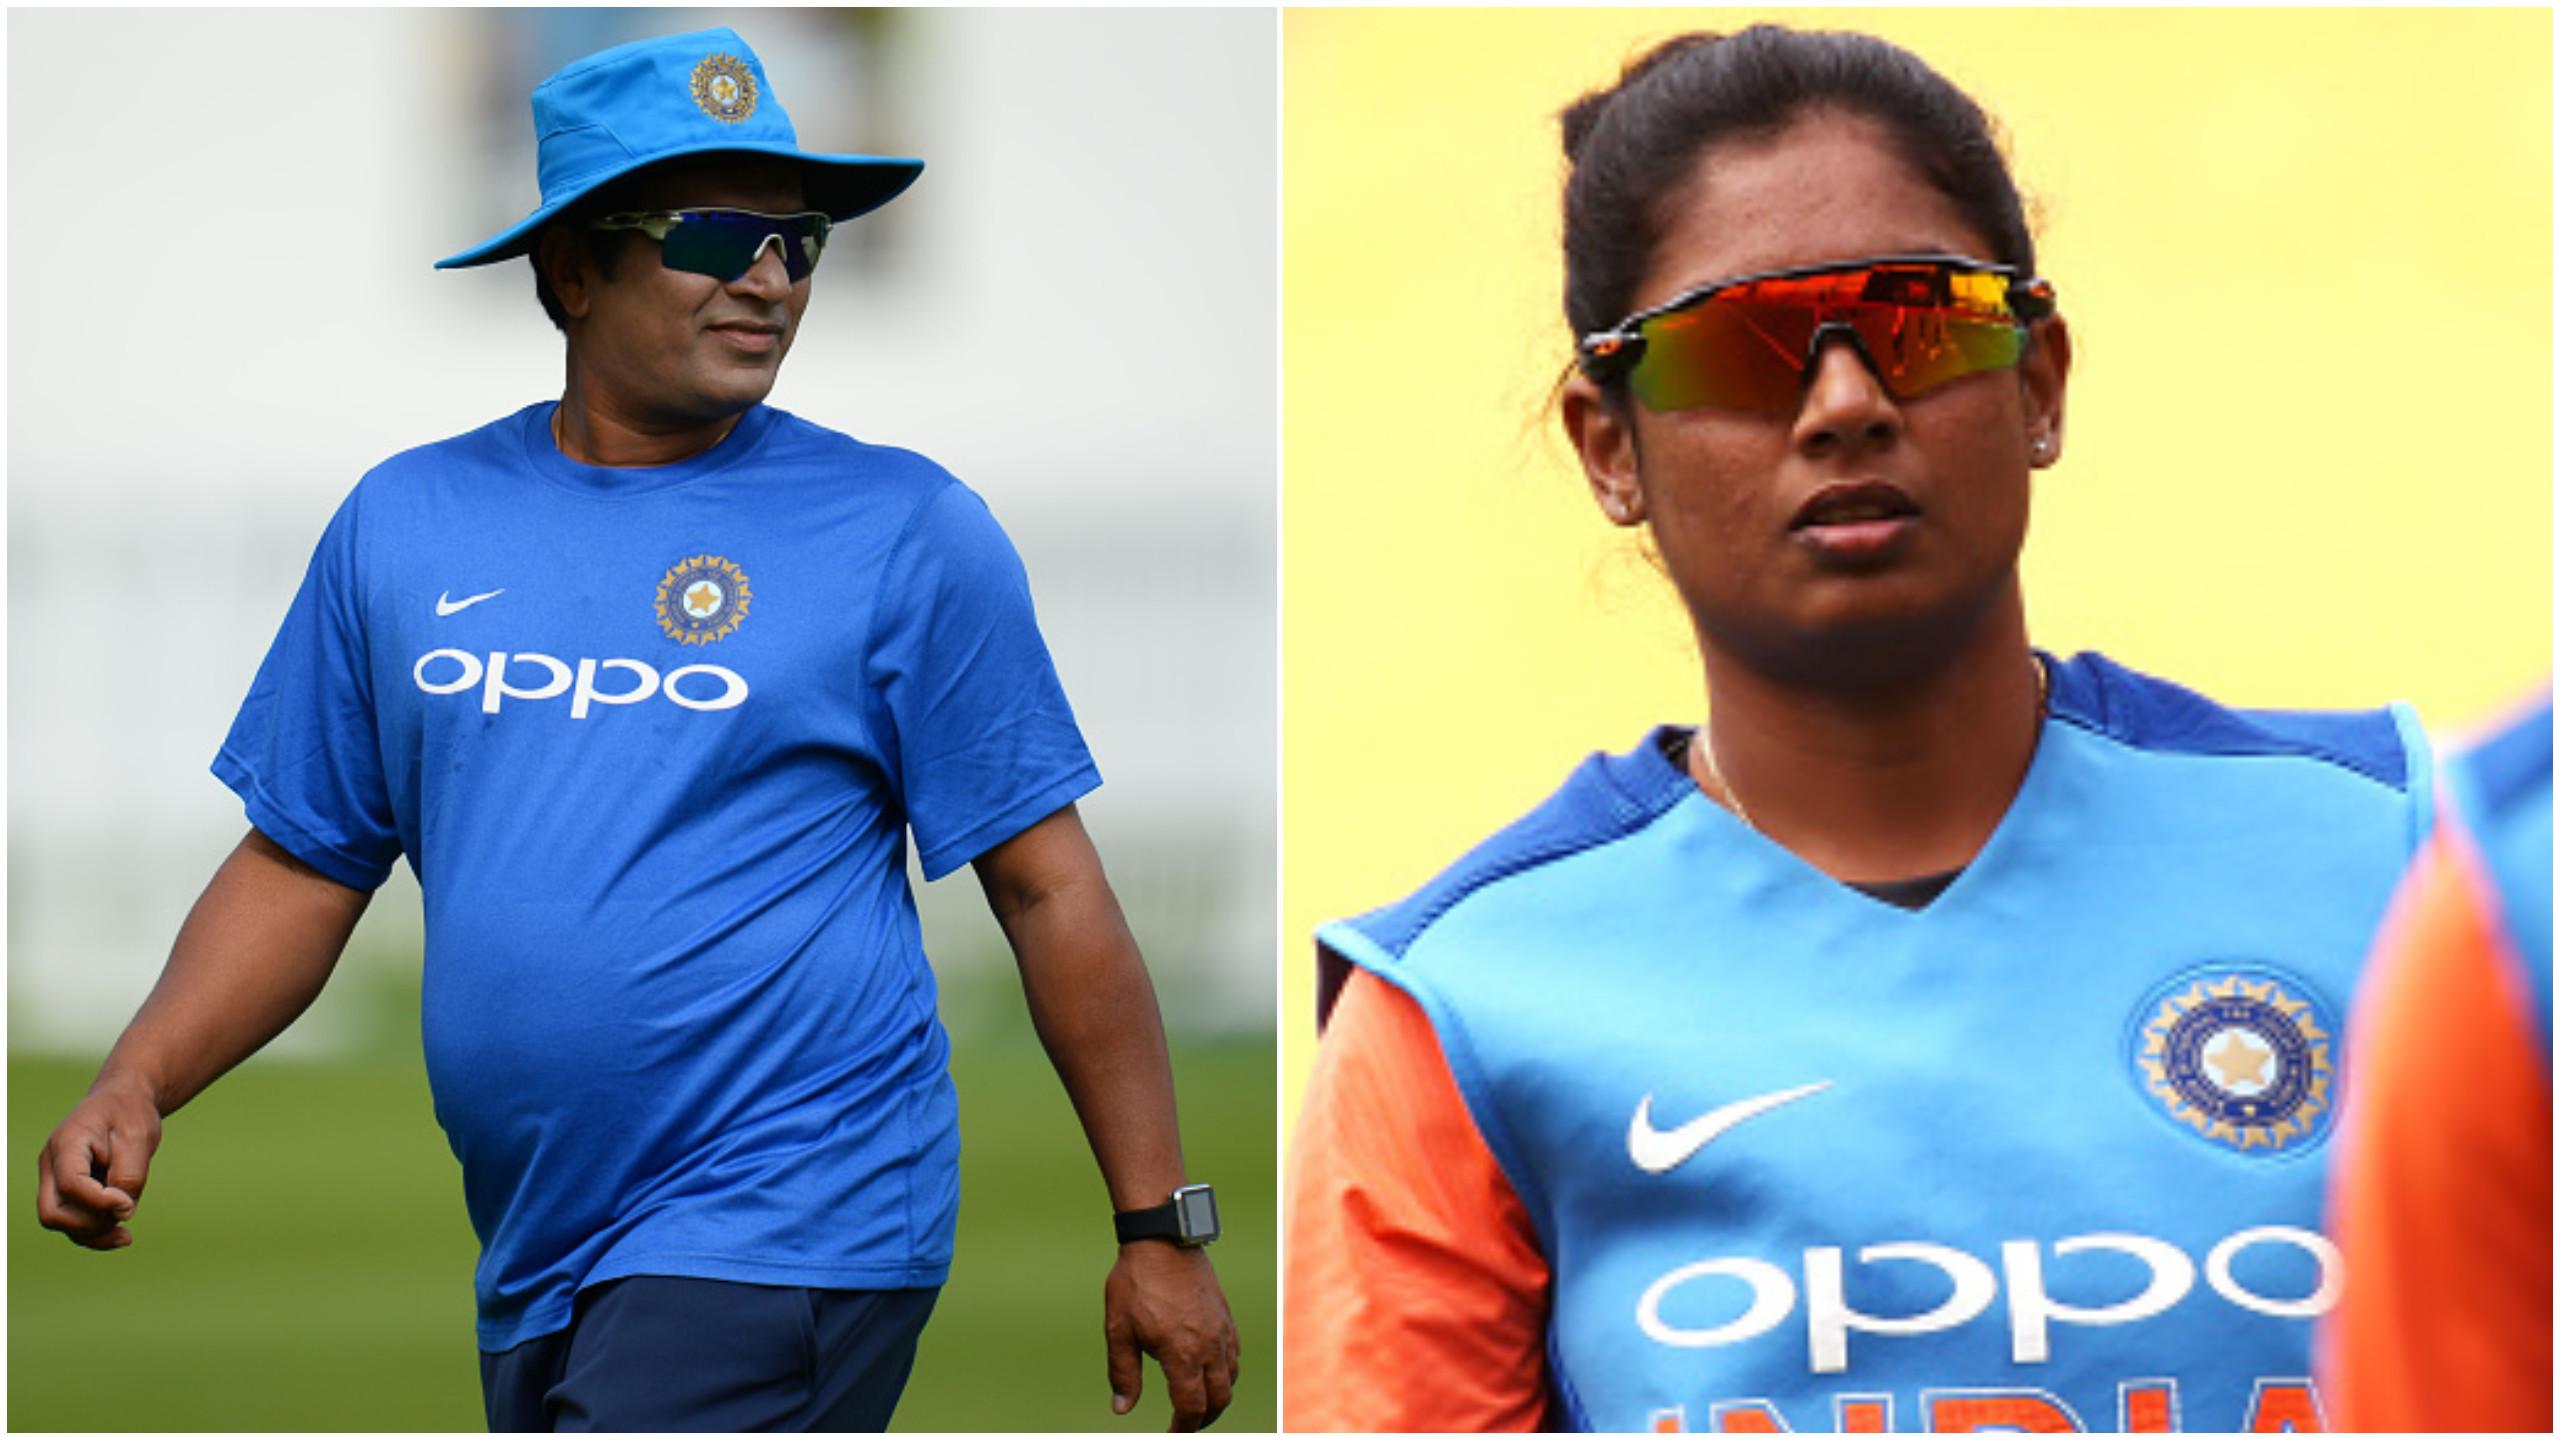 पूर्व महिला टीम के कोच तुषार अरोठे ने मिथली राज को टीम से बहार रखने पे कहा यह